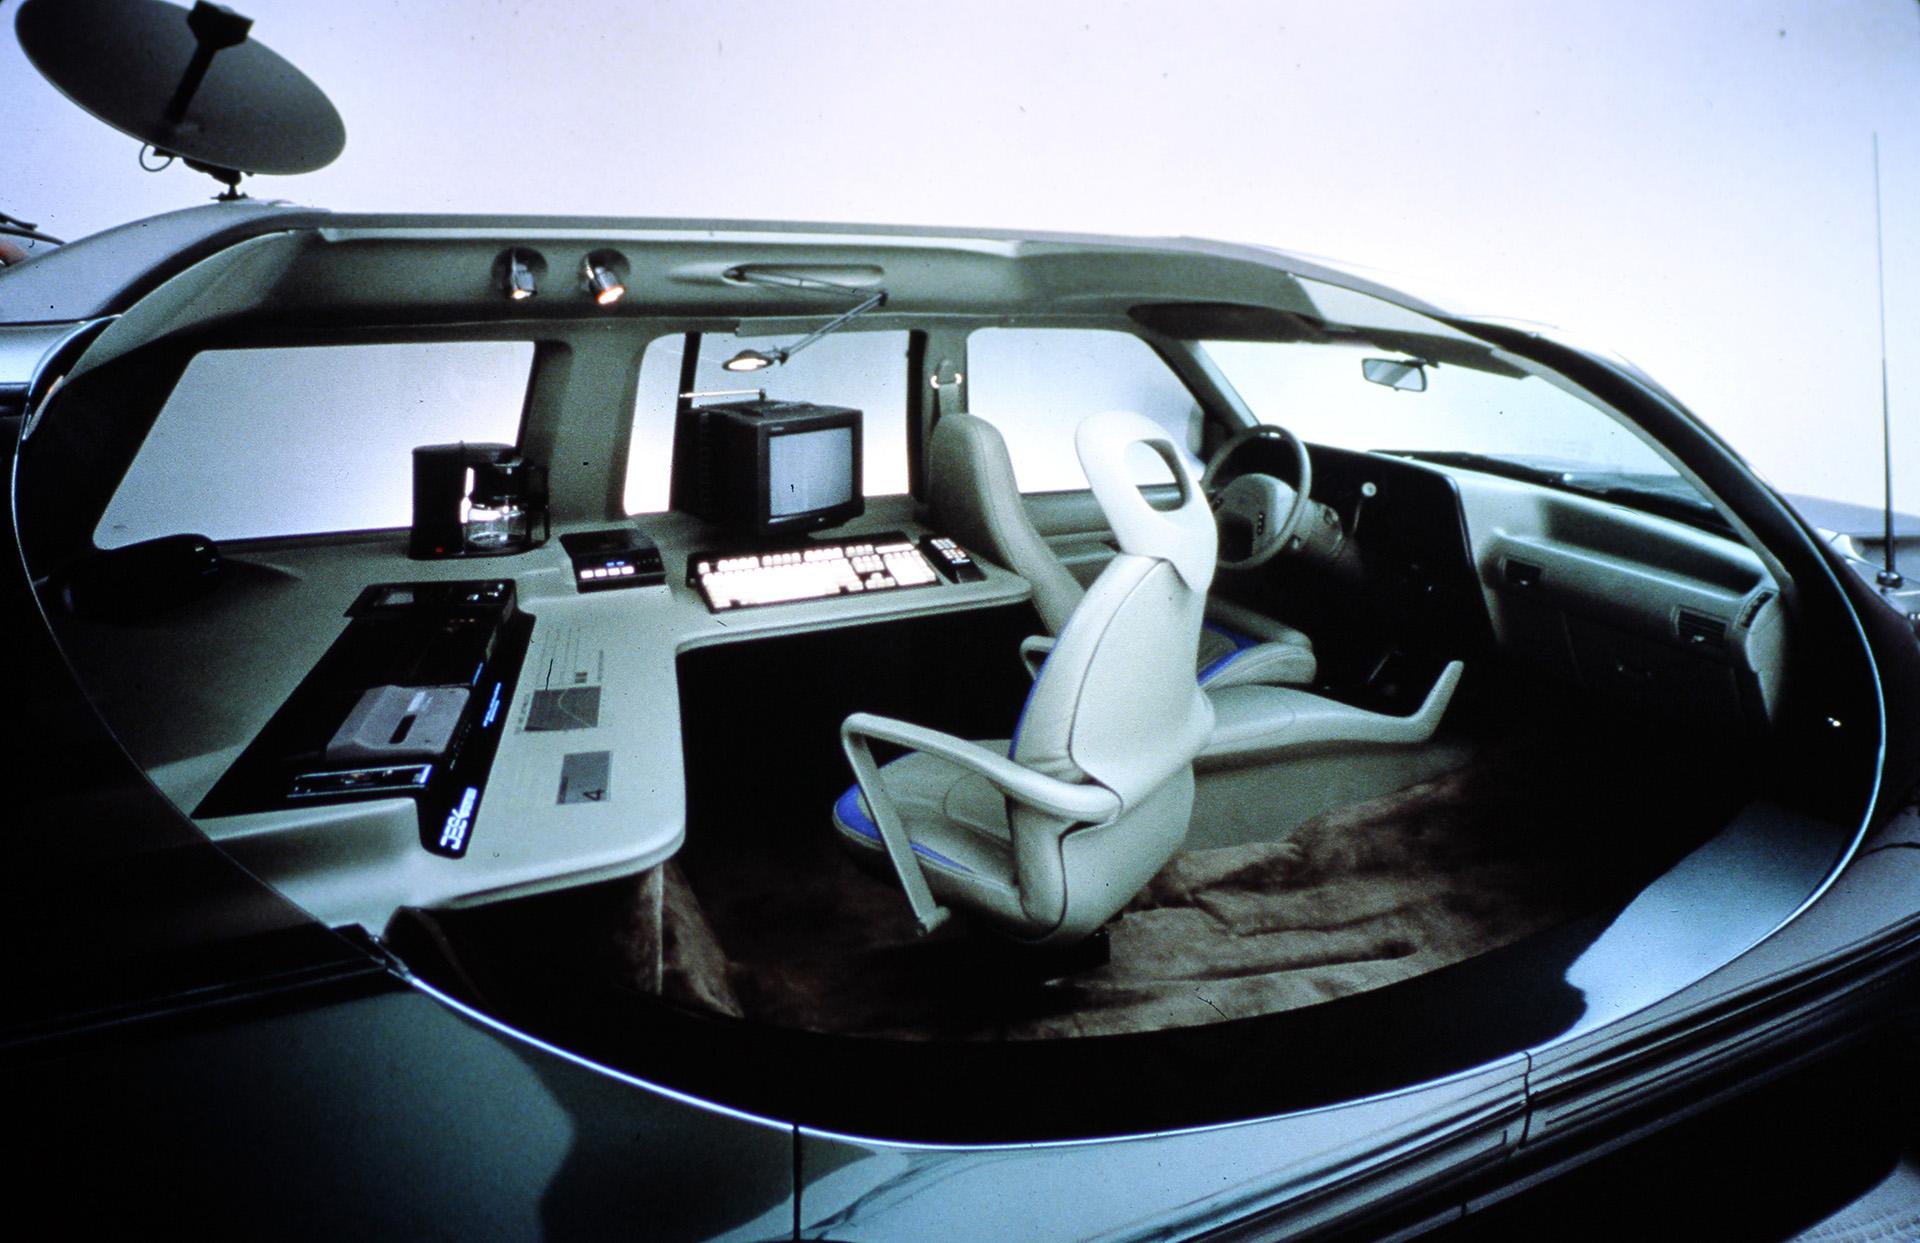 Ford Desk Drive , April 1991  uncredited